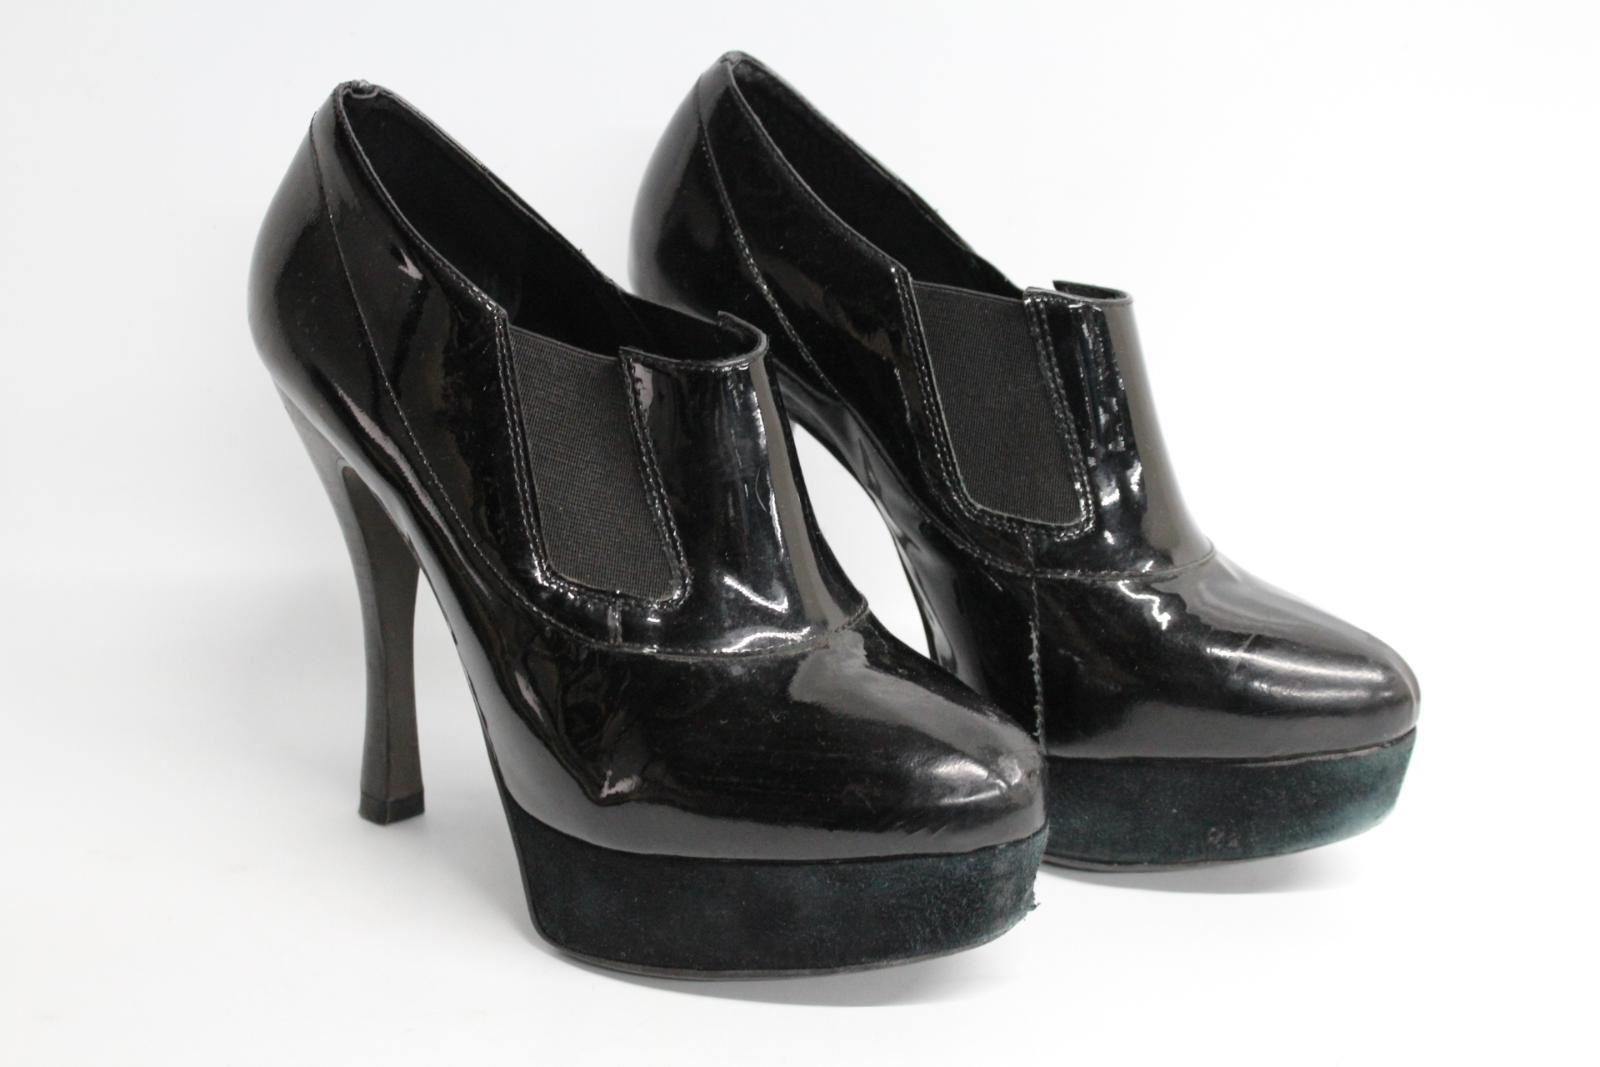 Carvela-Damas-De-Cuero-Negro-Resbalon-en-Zapatos-Tacon-Stiletto-botas-talla-UK7-EU40